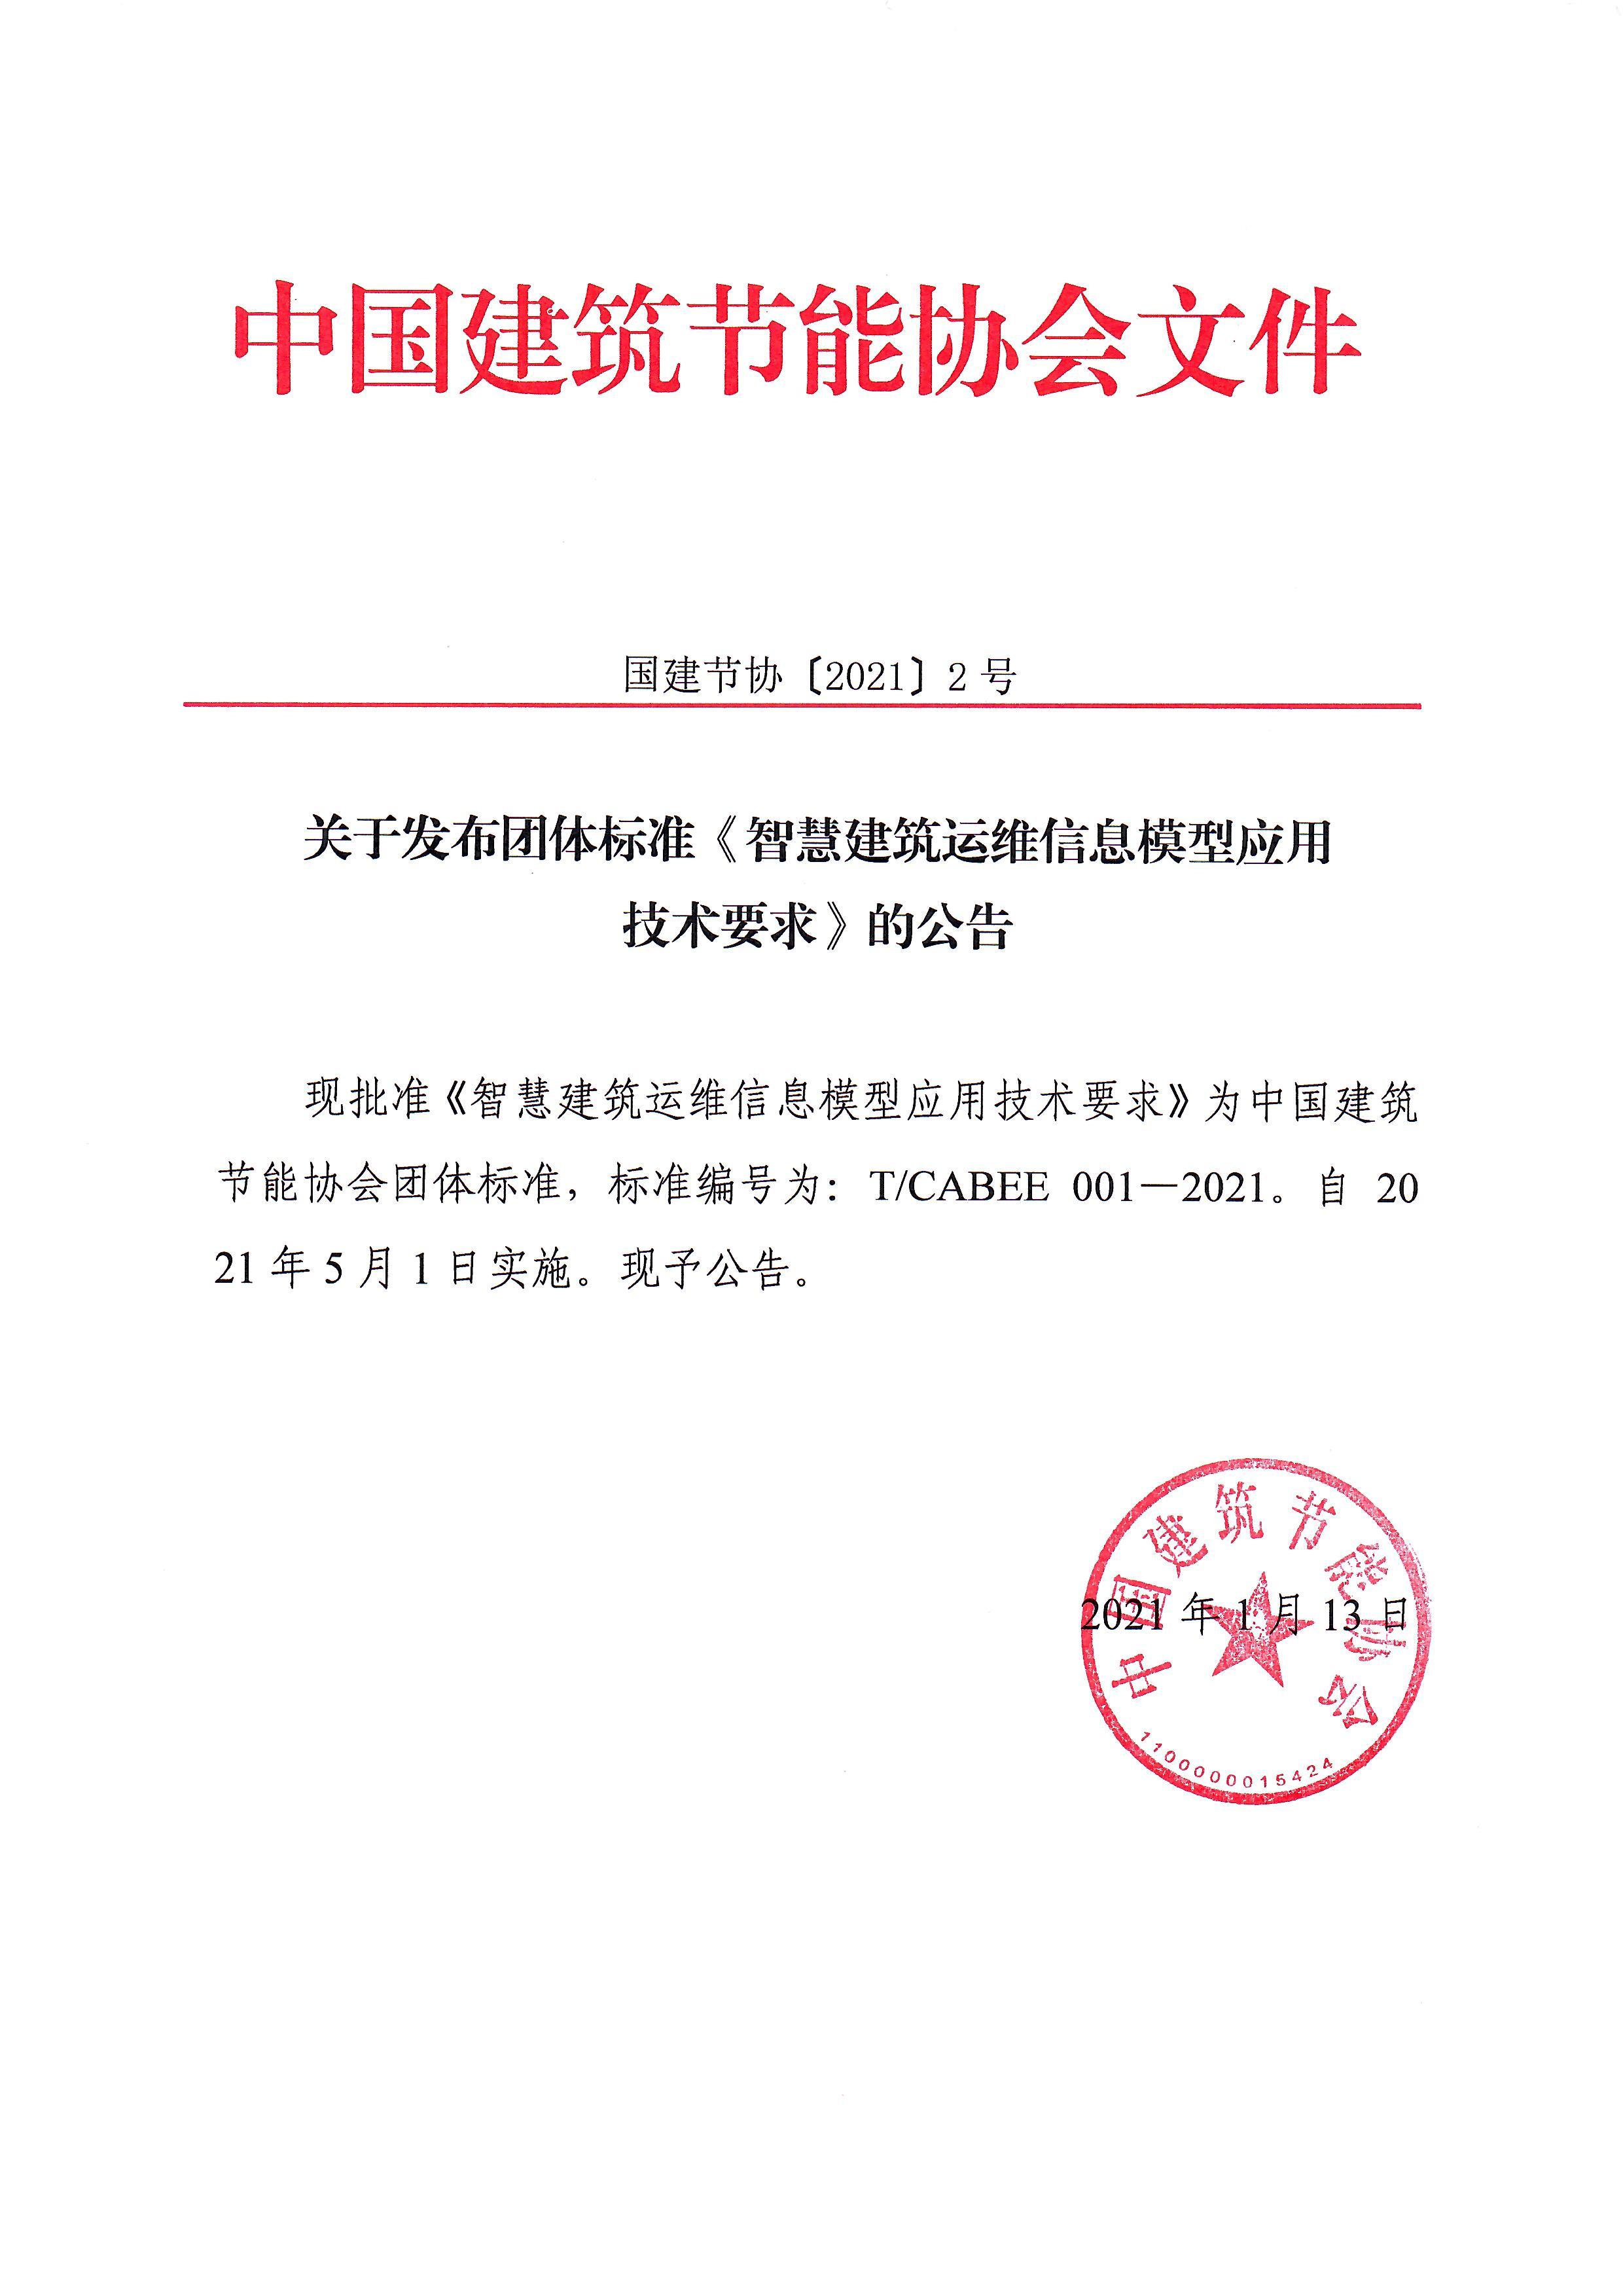 1.关于发布团体标准《智慧建筑运维信息模型应用技术要求》的公告.jpg